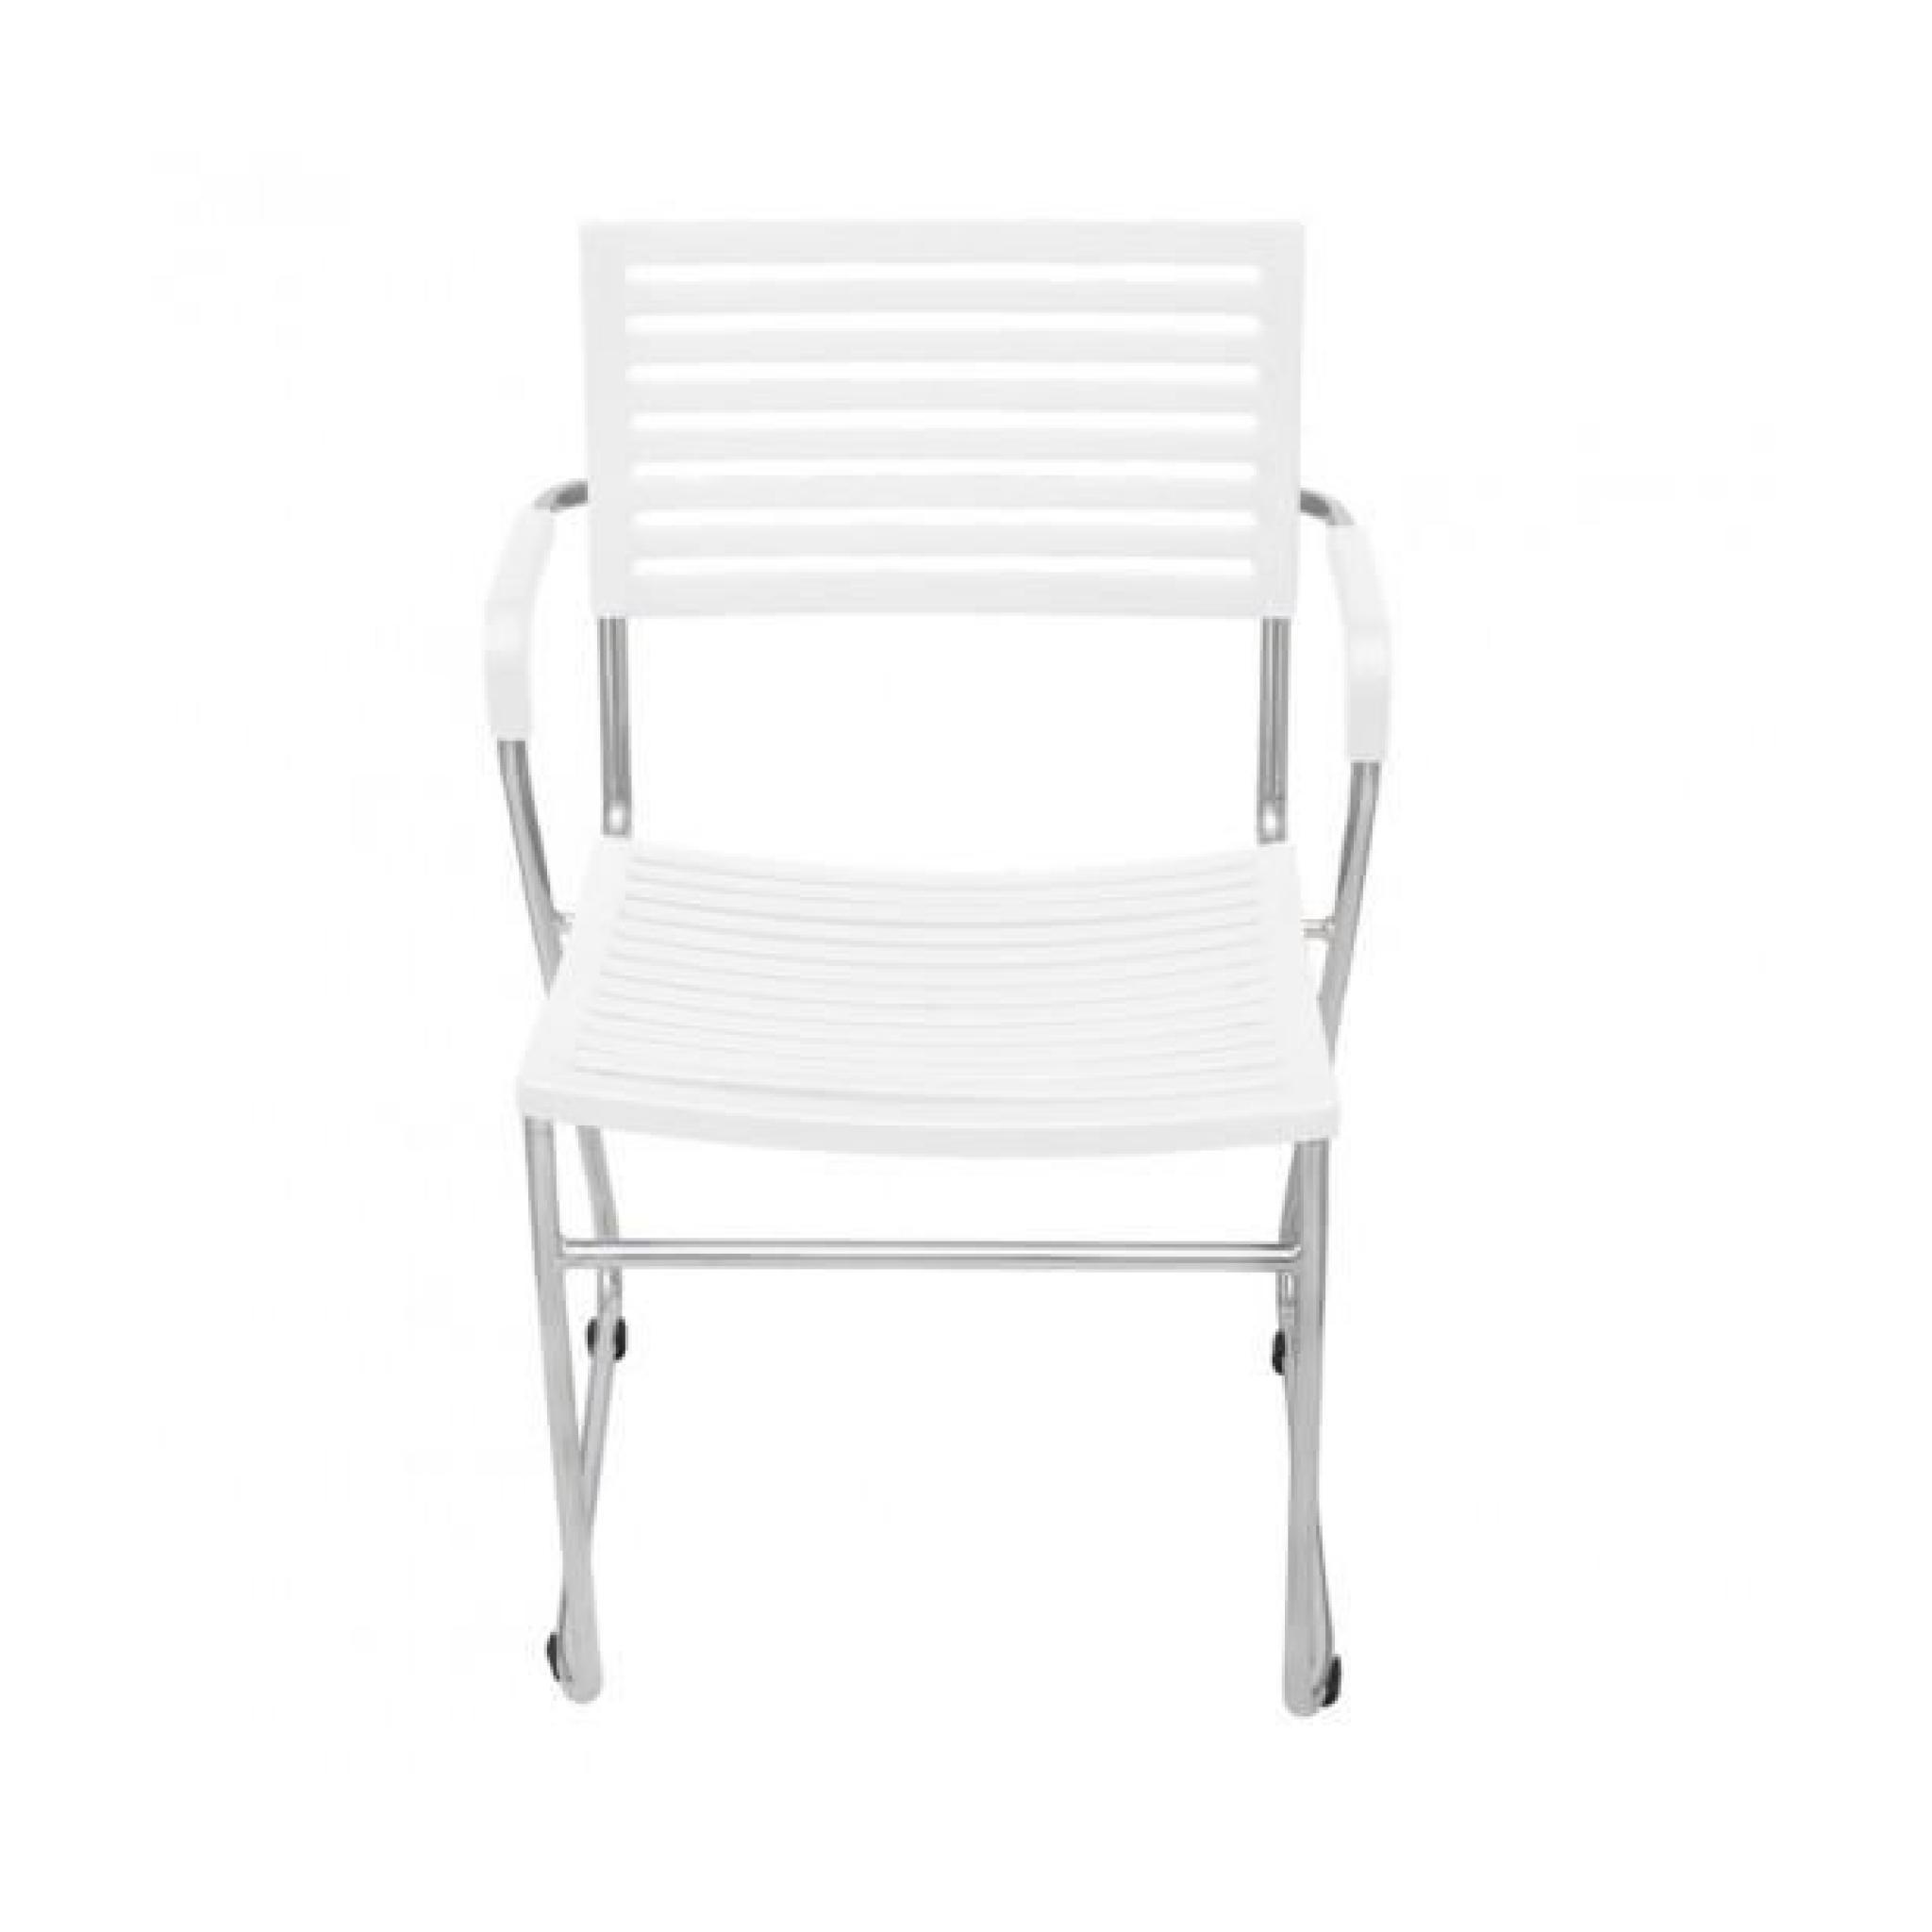 Superbe Chaise Empilable Avec Accoudoir 2 Pieces Blanc